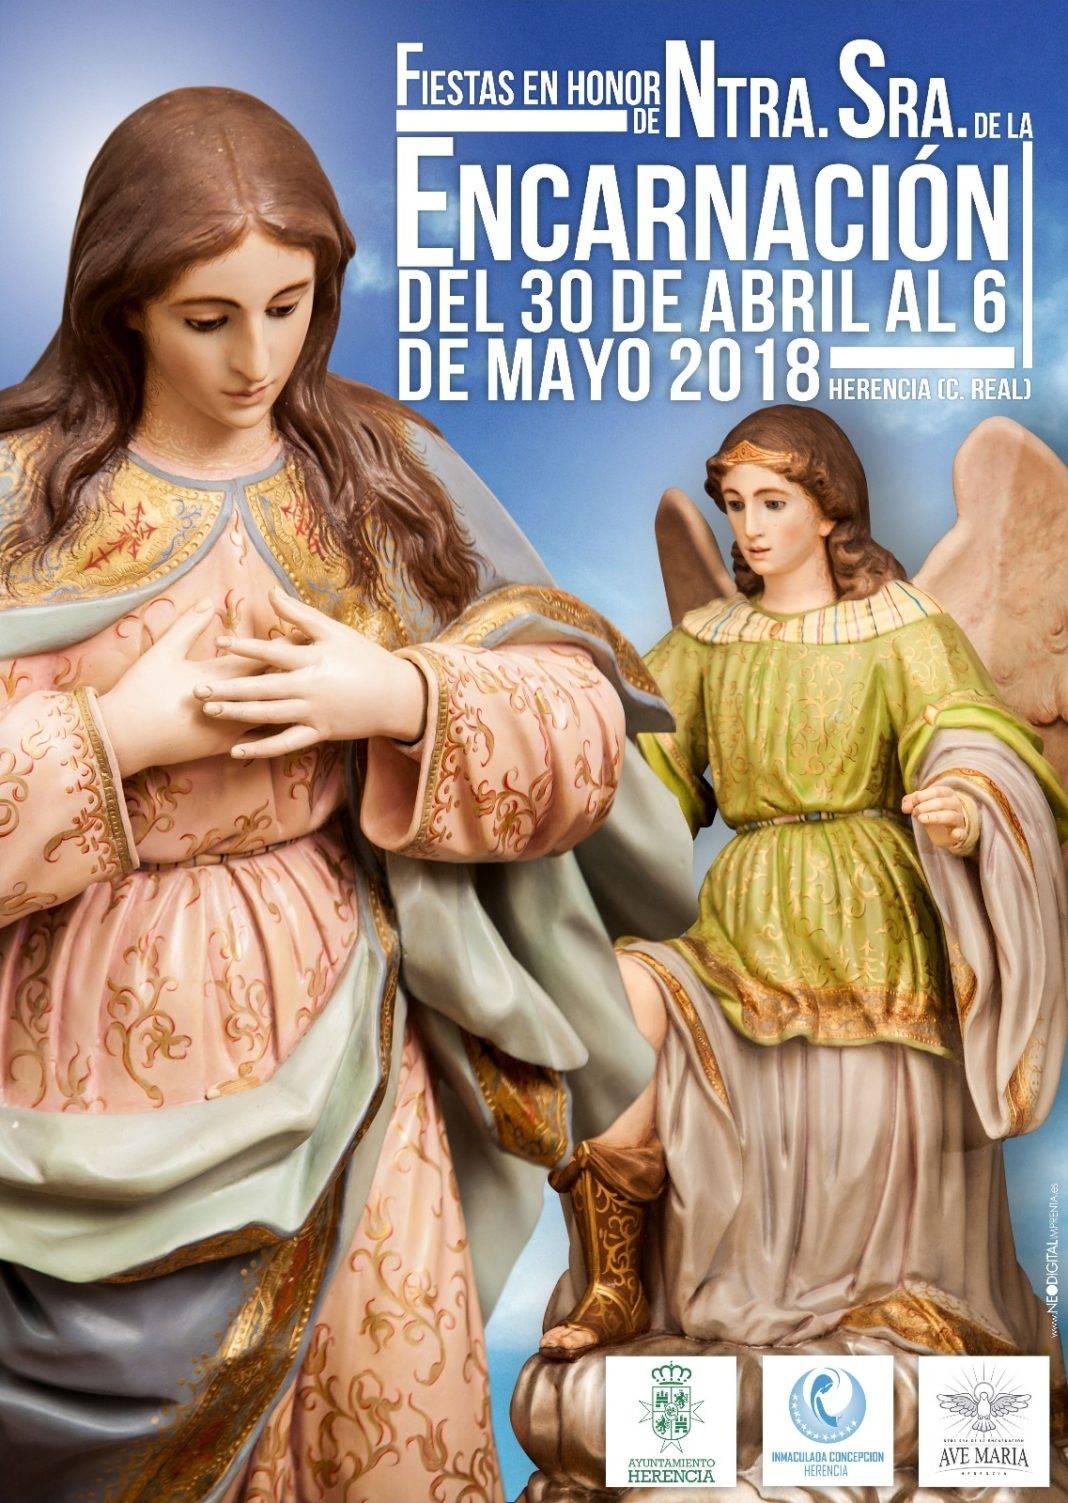 Fiestas en honor a Nuestra Señora de la Encarnacion en Herencia 1068x1503 - Fiestas en honor a Nuestra Señora de la Encarnación en Herencia